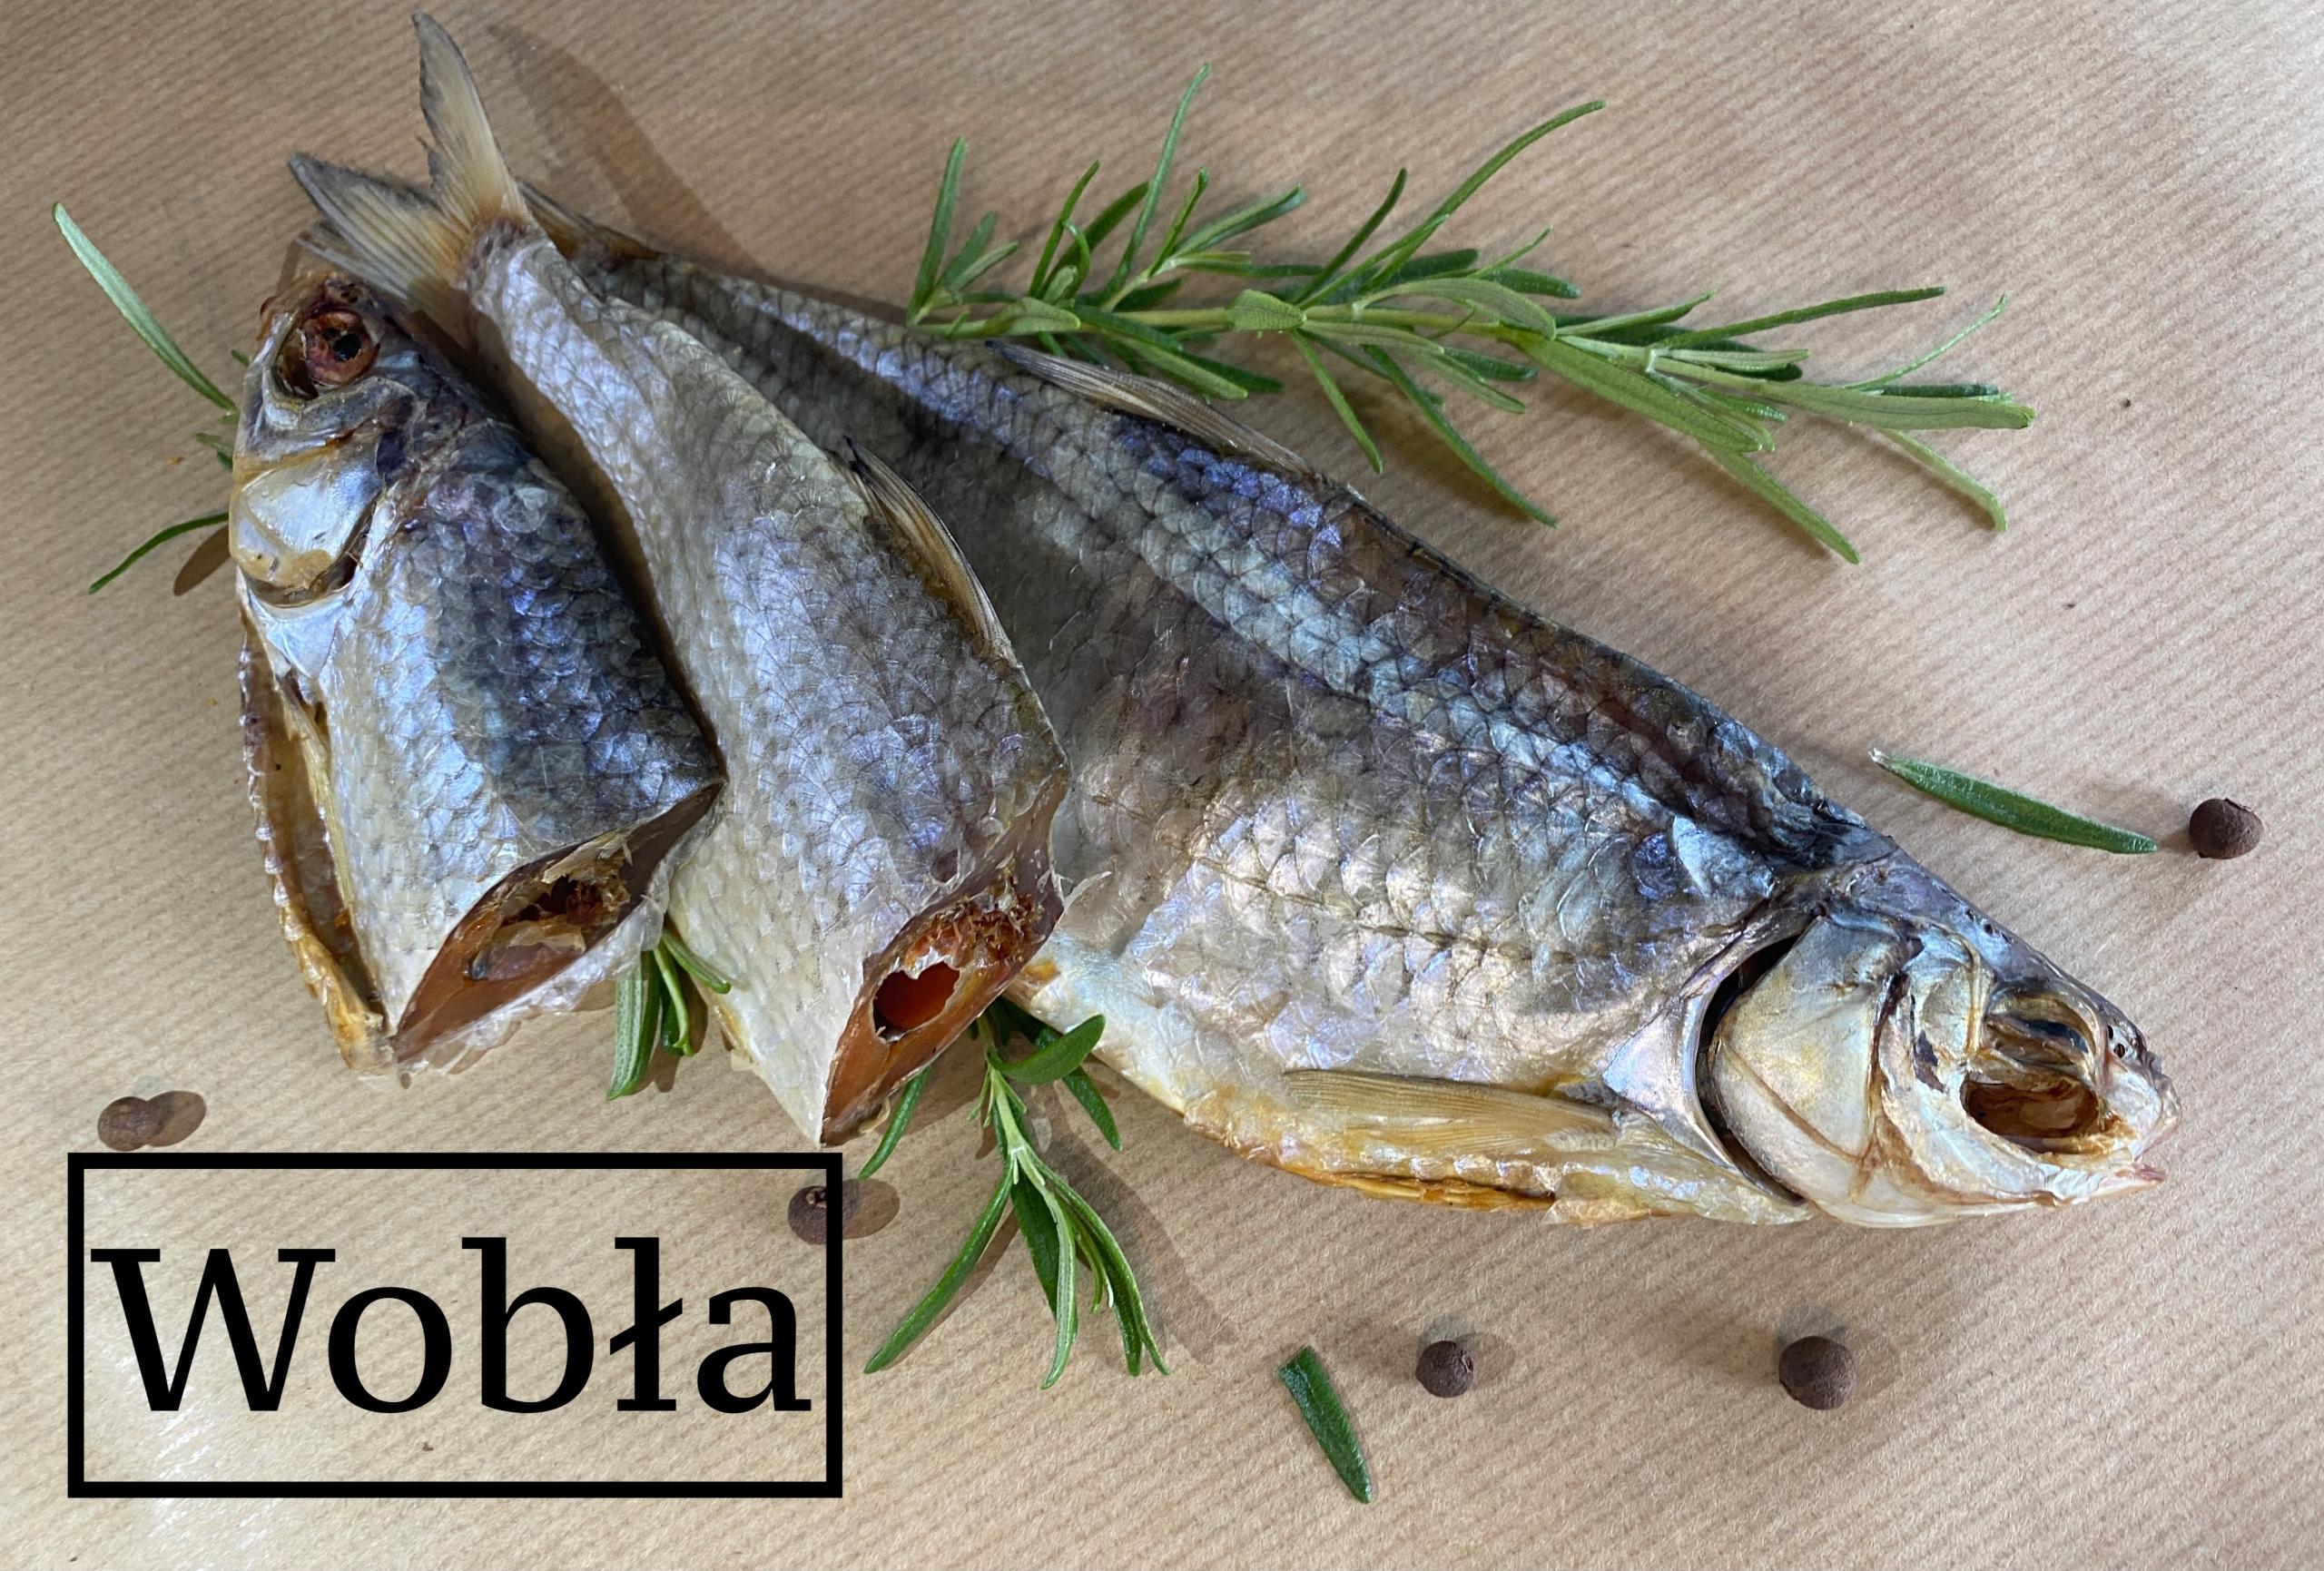 Вобла (каспийская плотва) Вяленая рыба 100 +/- 10гх100шт.